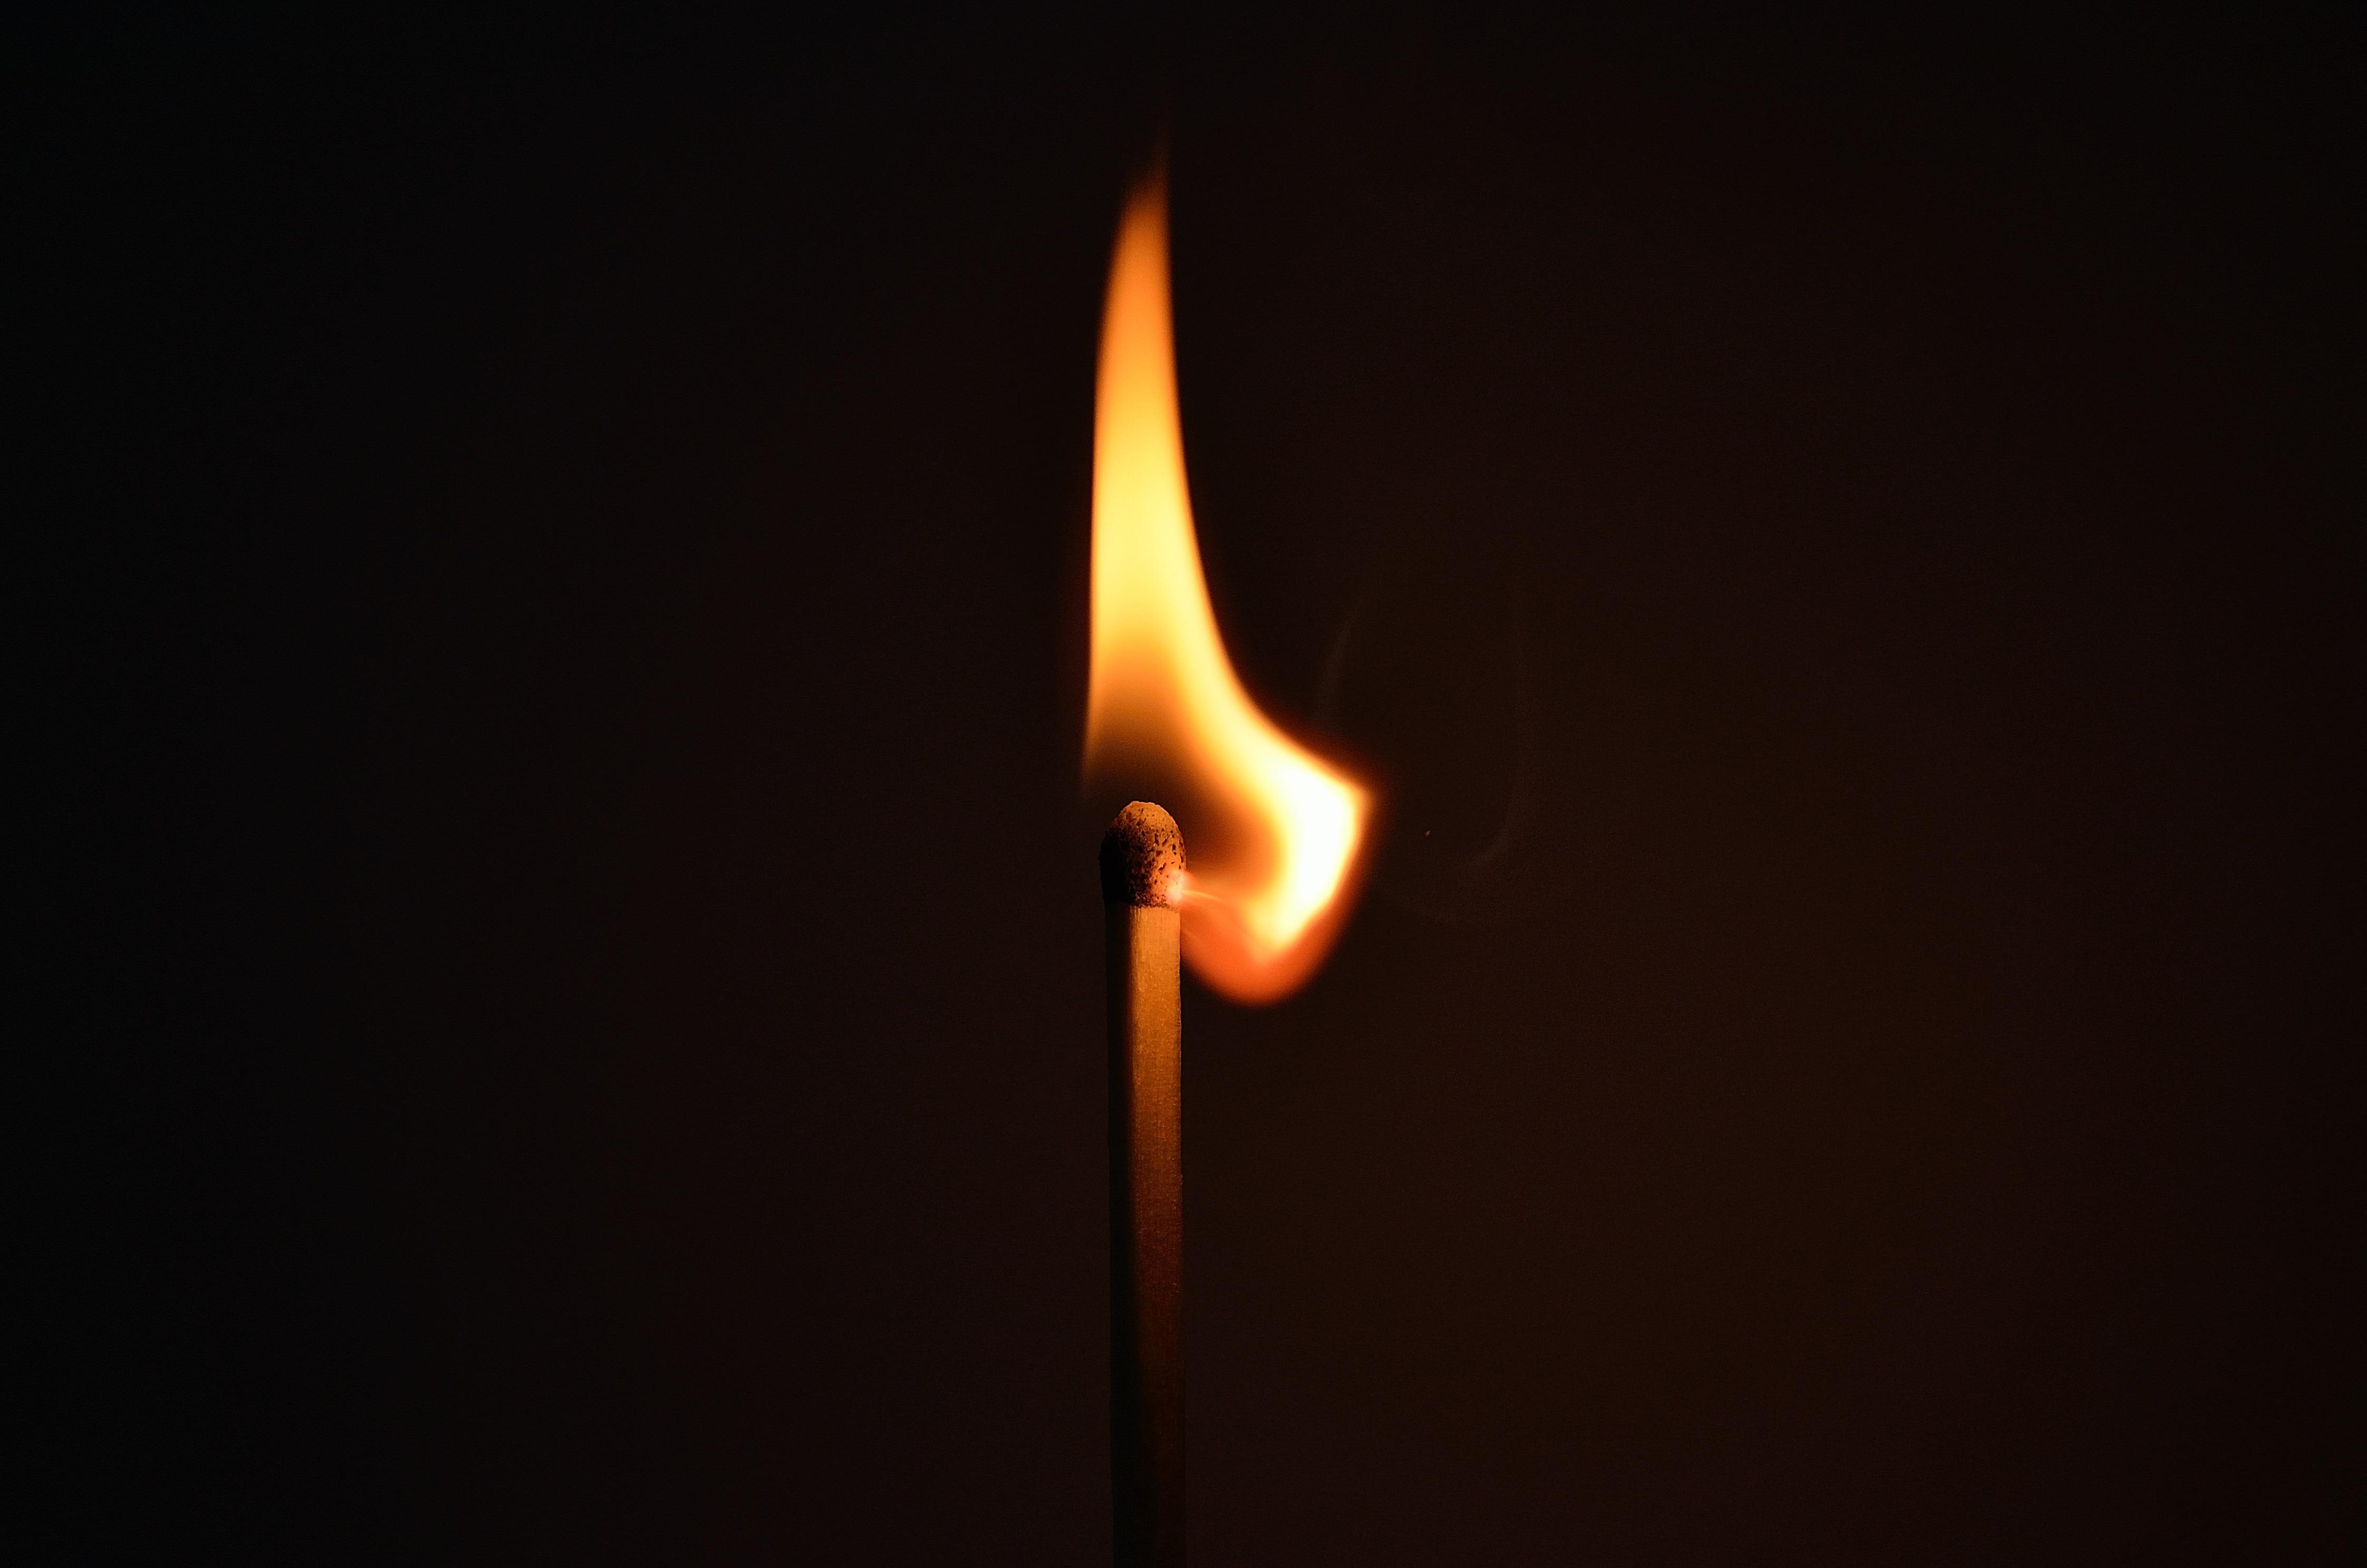 matchstick, match, fire, burning